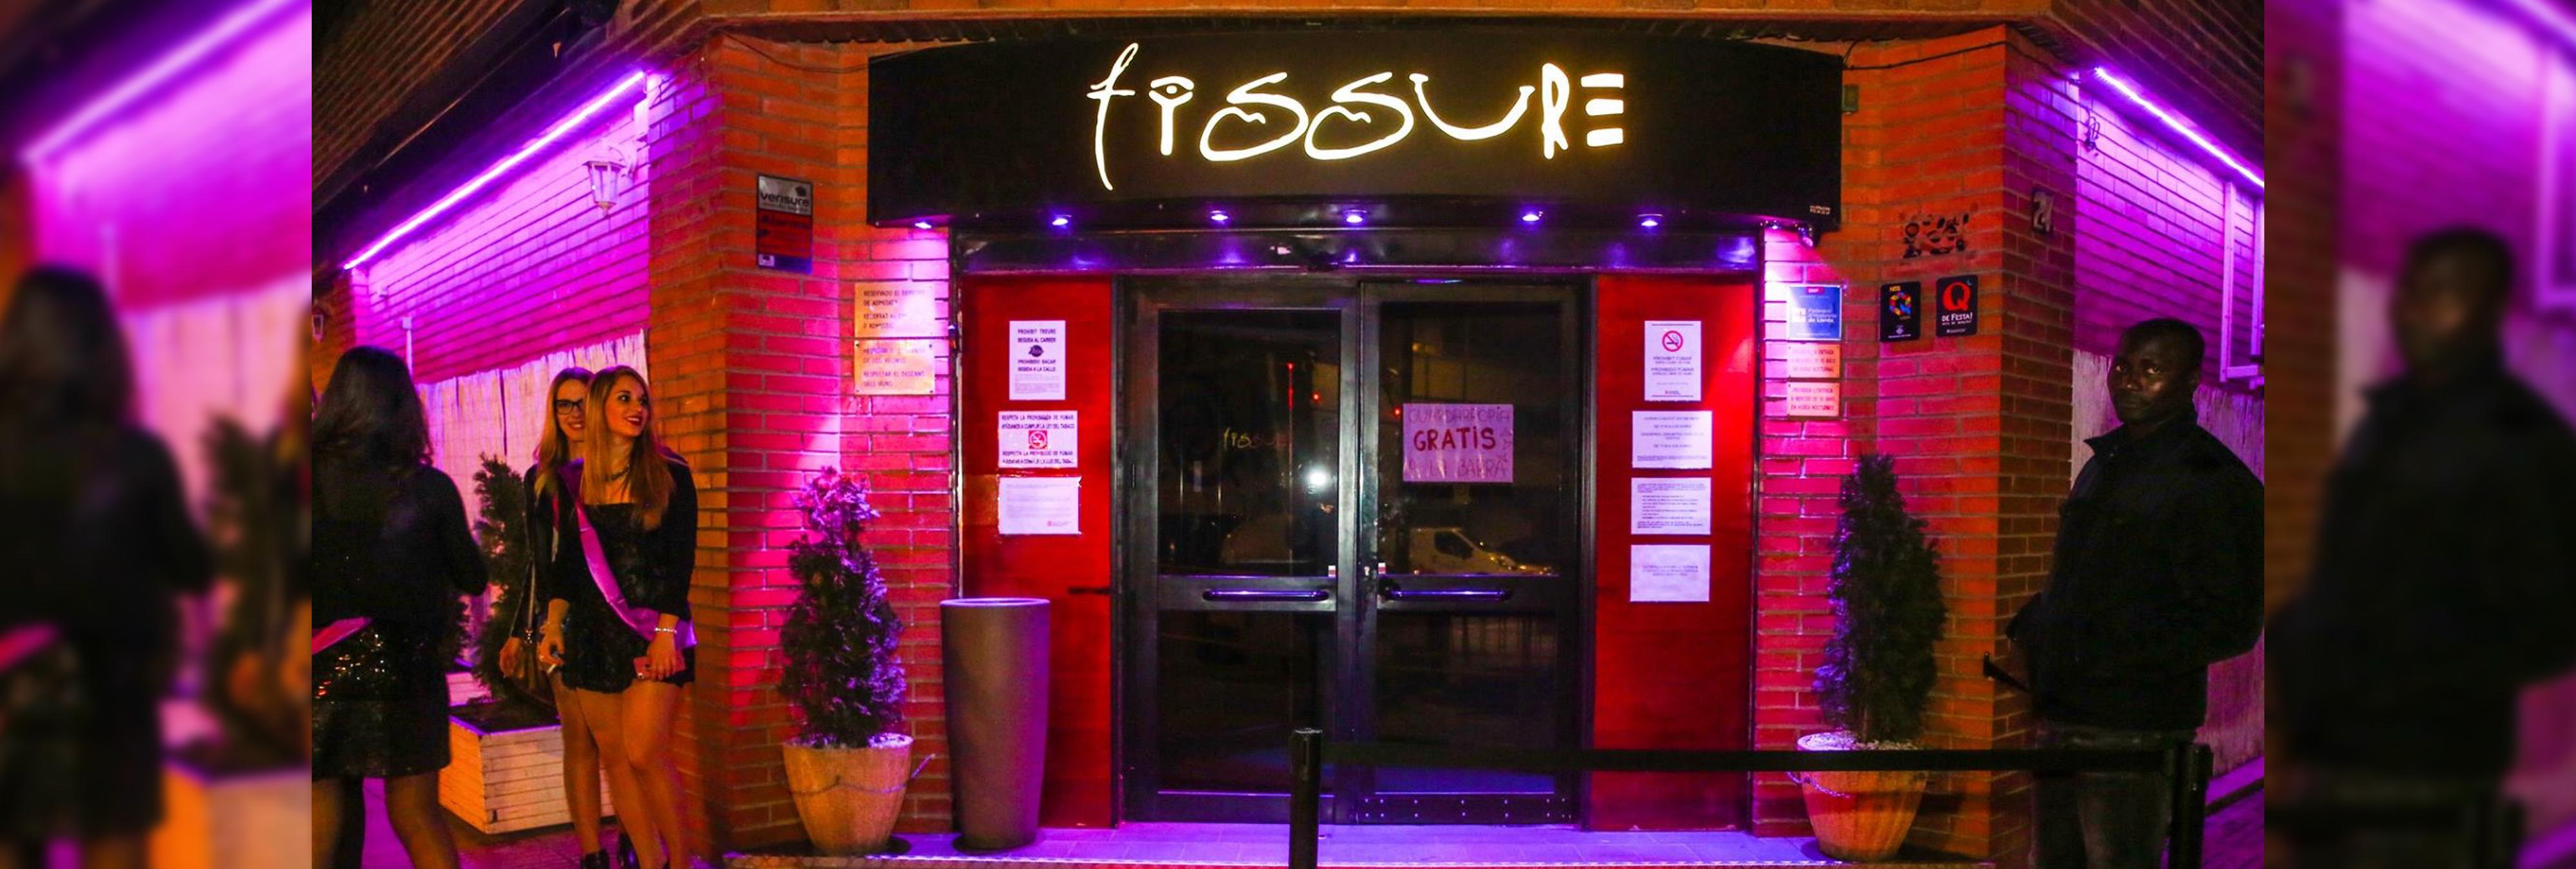 Una discoteca prohíbe la entrada a personas con síndrome de Down